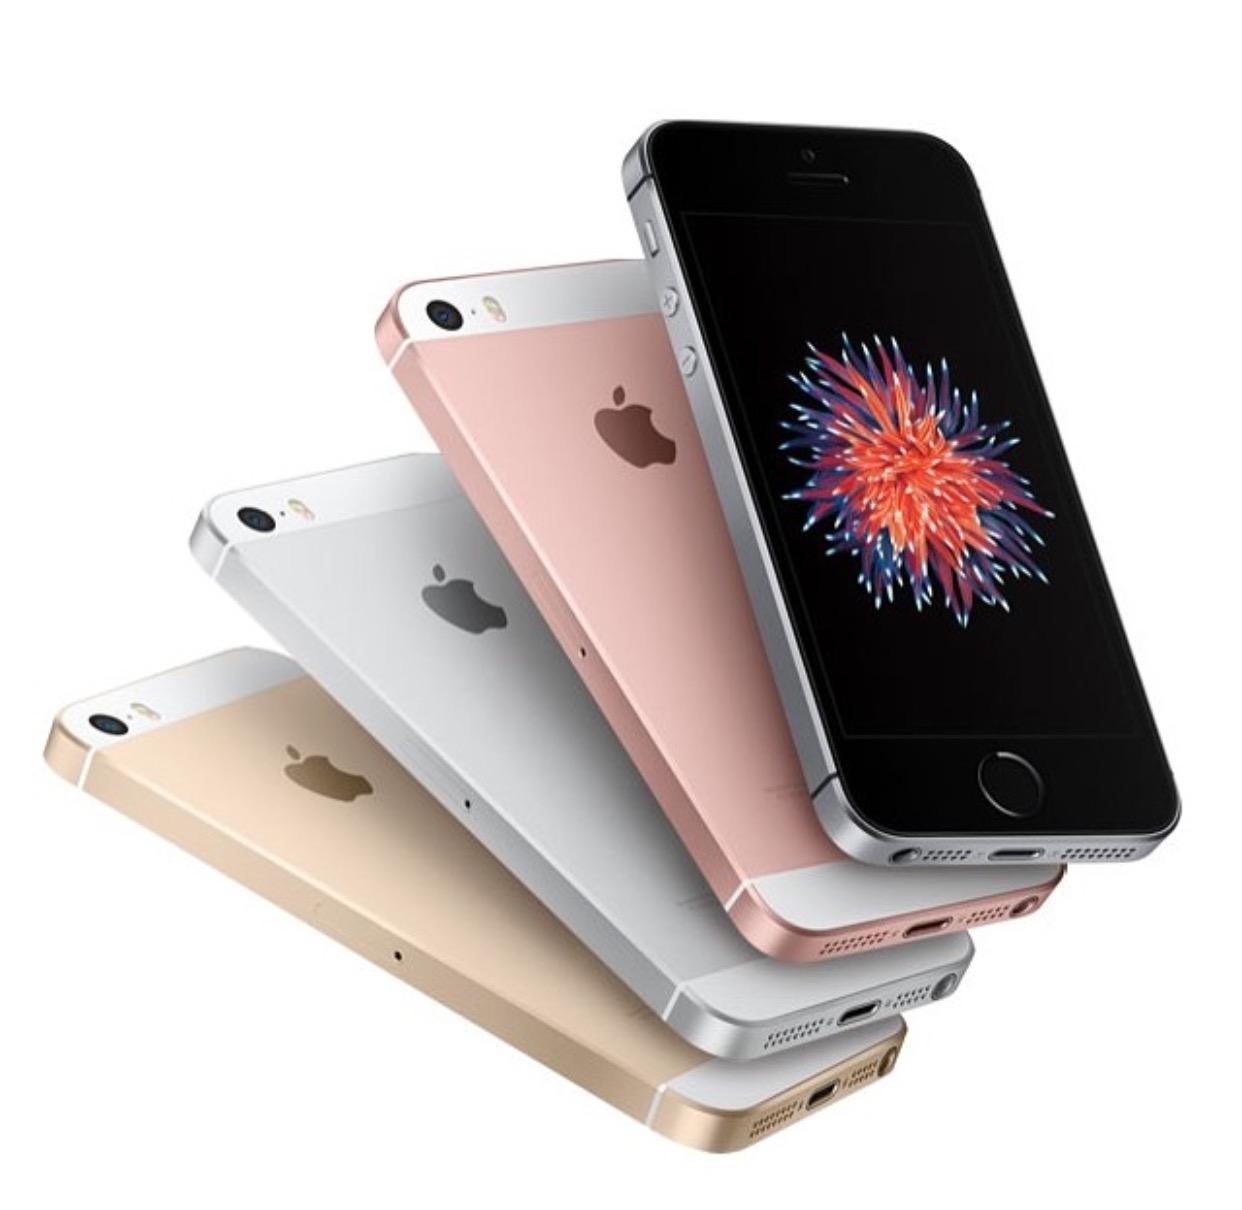 美国苹果公司推出新产品 果粉称毫无创新